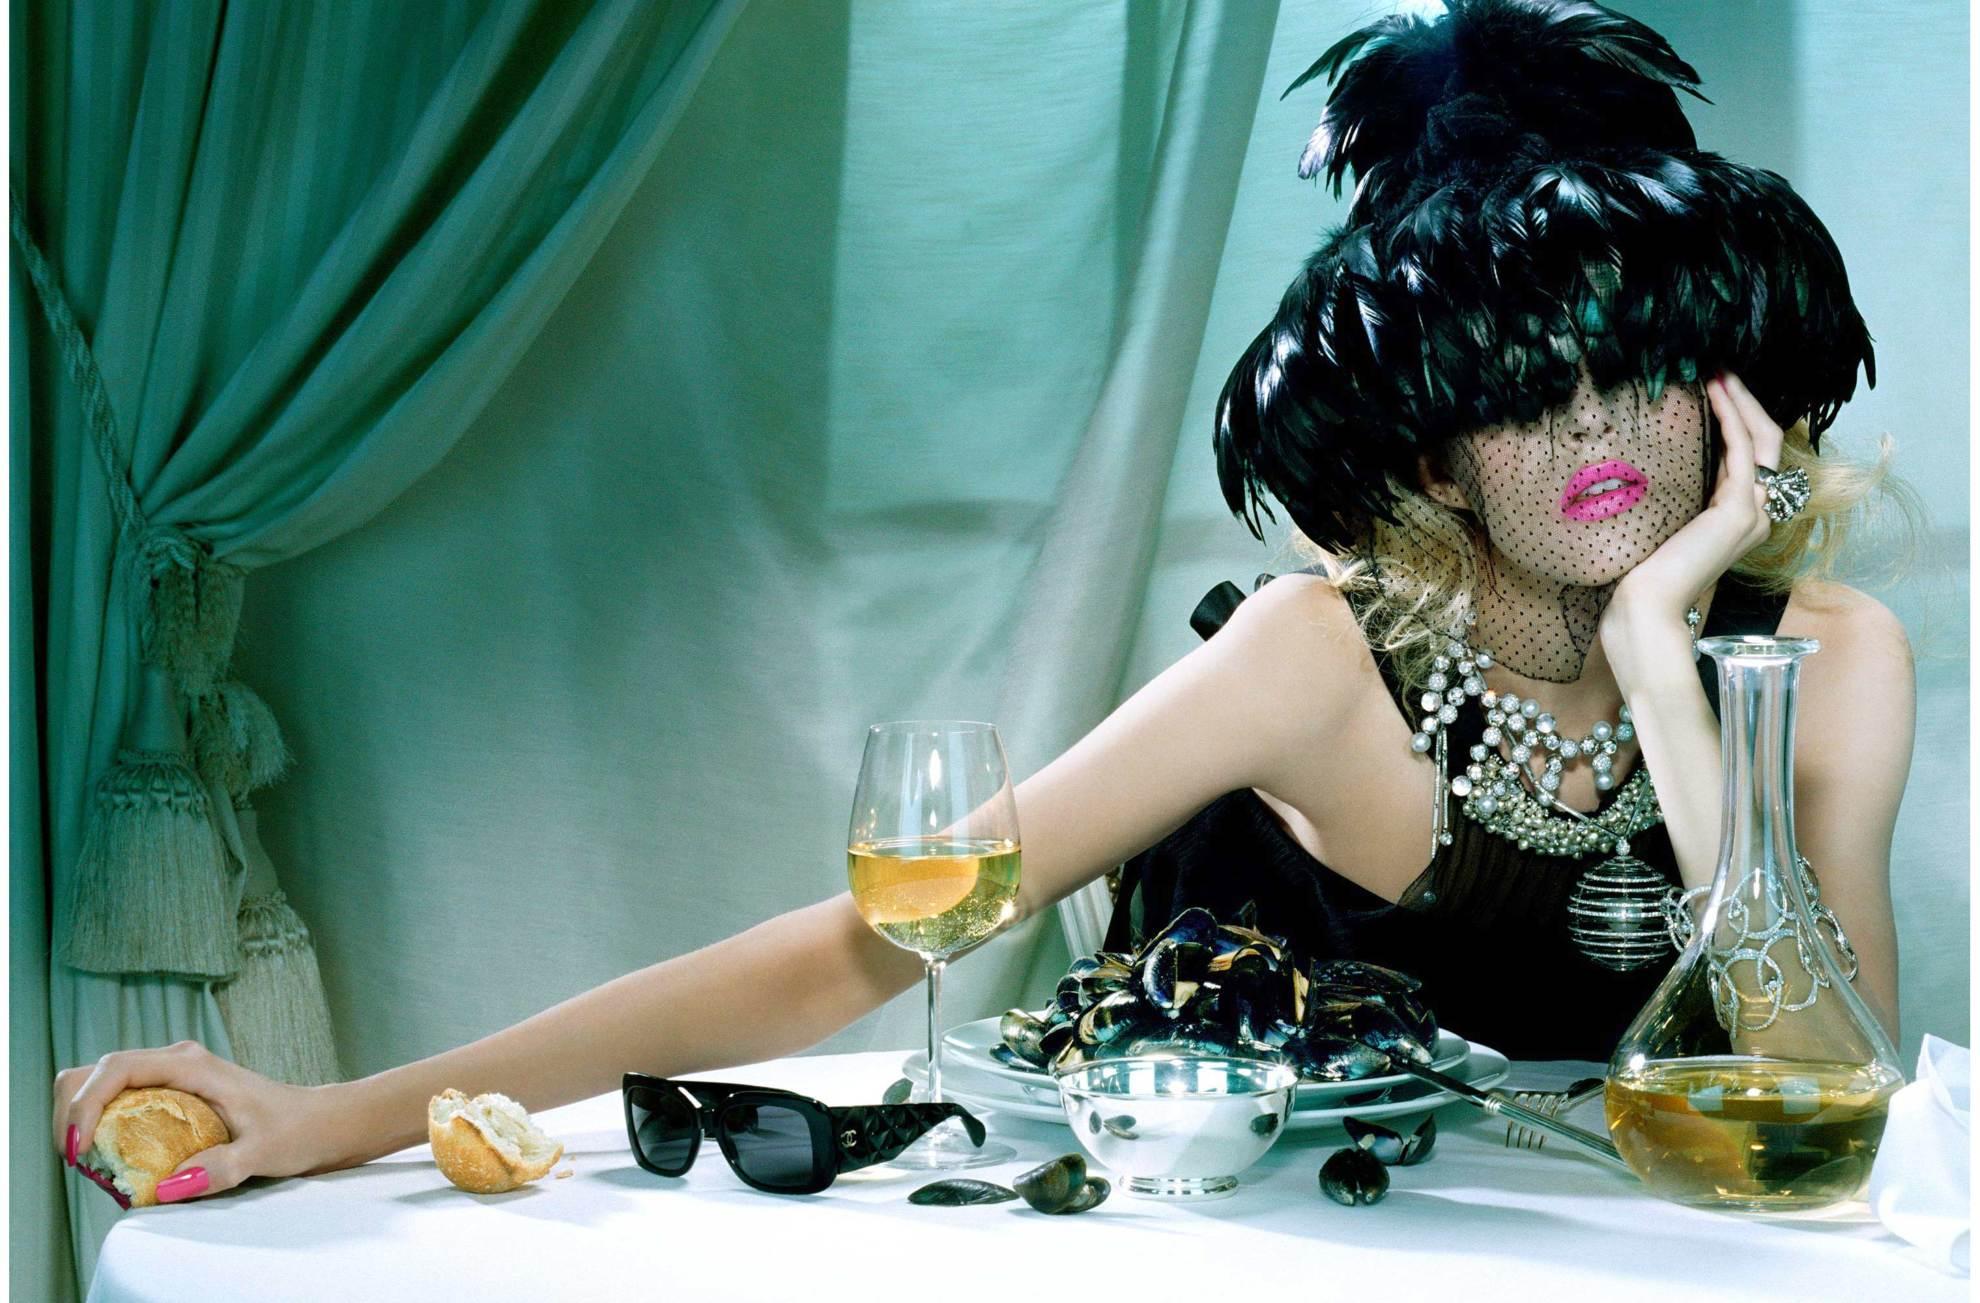 Прикольные картинки с девушками которые пьют, открытка